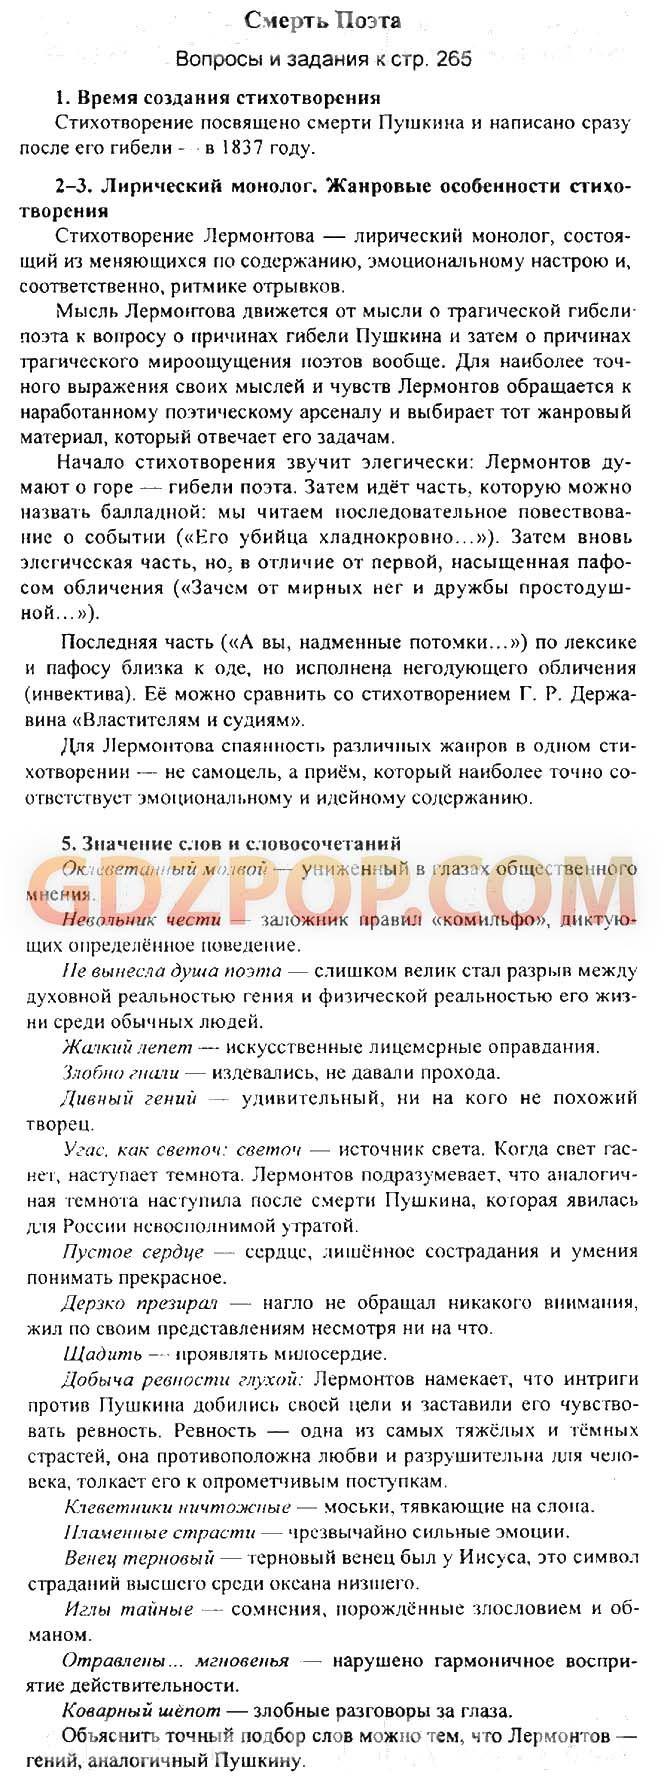 Учебник обществознания 9 класс никитин pdf скачать